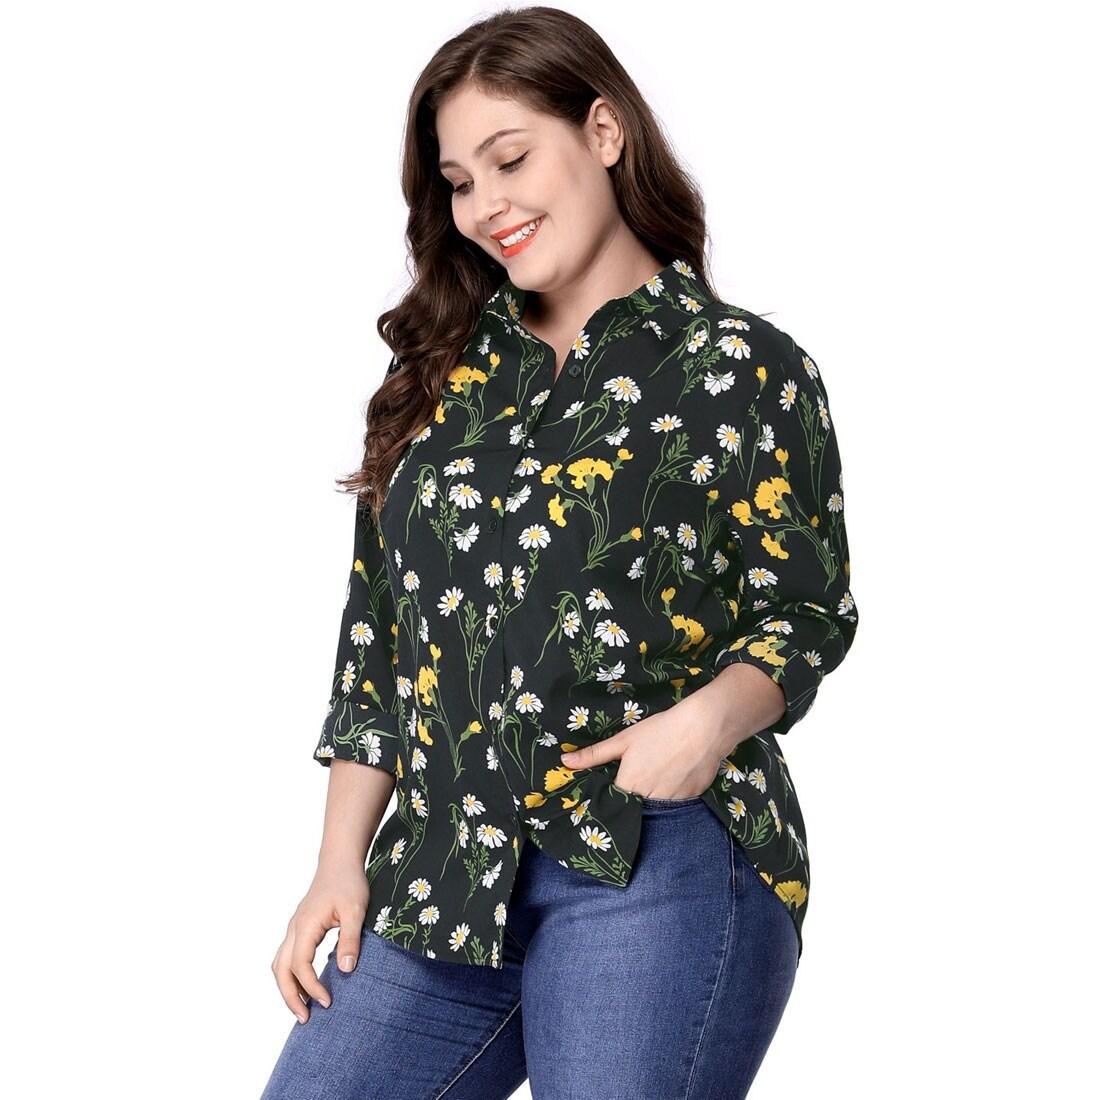 87deaa4ab2555c Womens Black Button Down Long Sleeve Shirt - DREAMWORKS